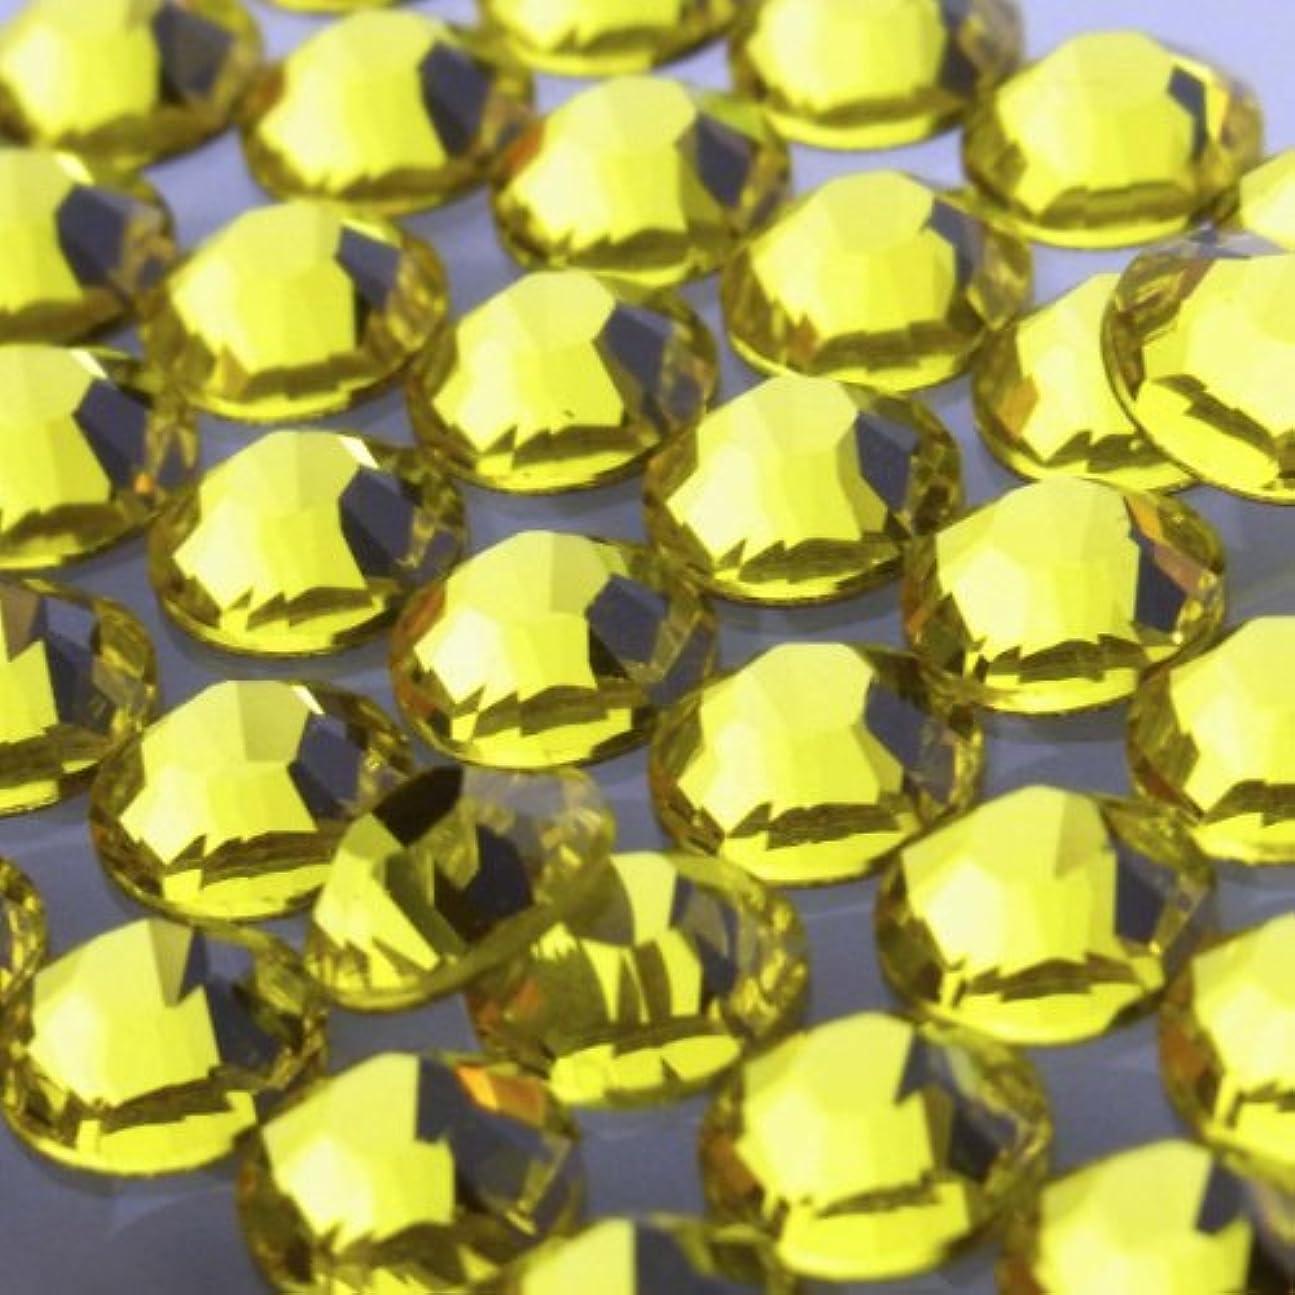 解体する砲兵共感するHotfixシトリンss16(100粒入り)スワロフスキーラインストーンホットフィックス